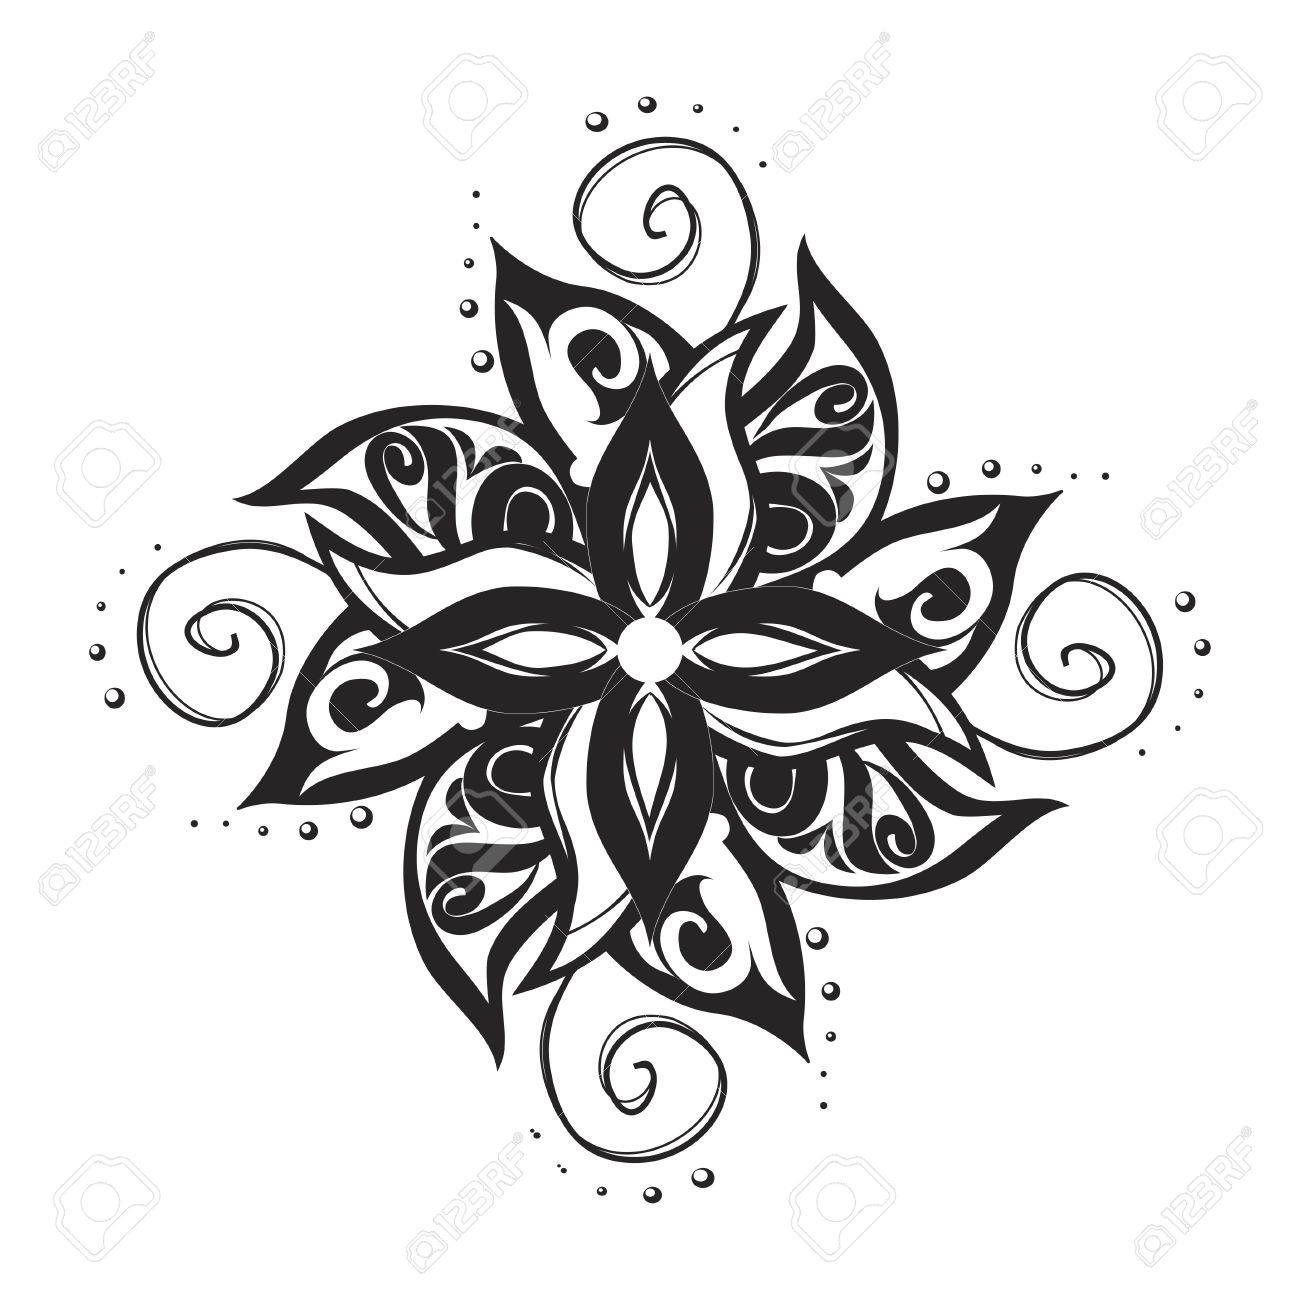 Tatuaje Blanco Y Negro Ornamento Artístico Ilustraciones Vectoriales